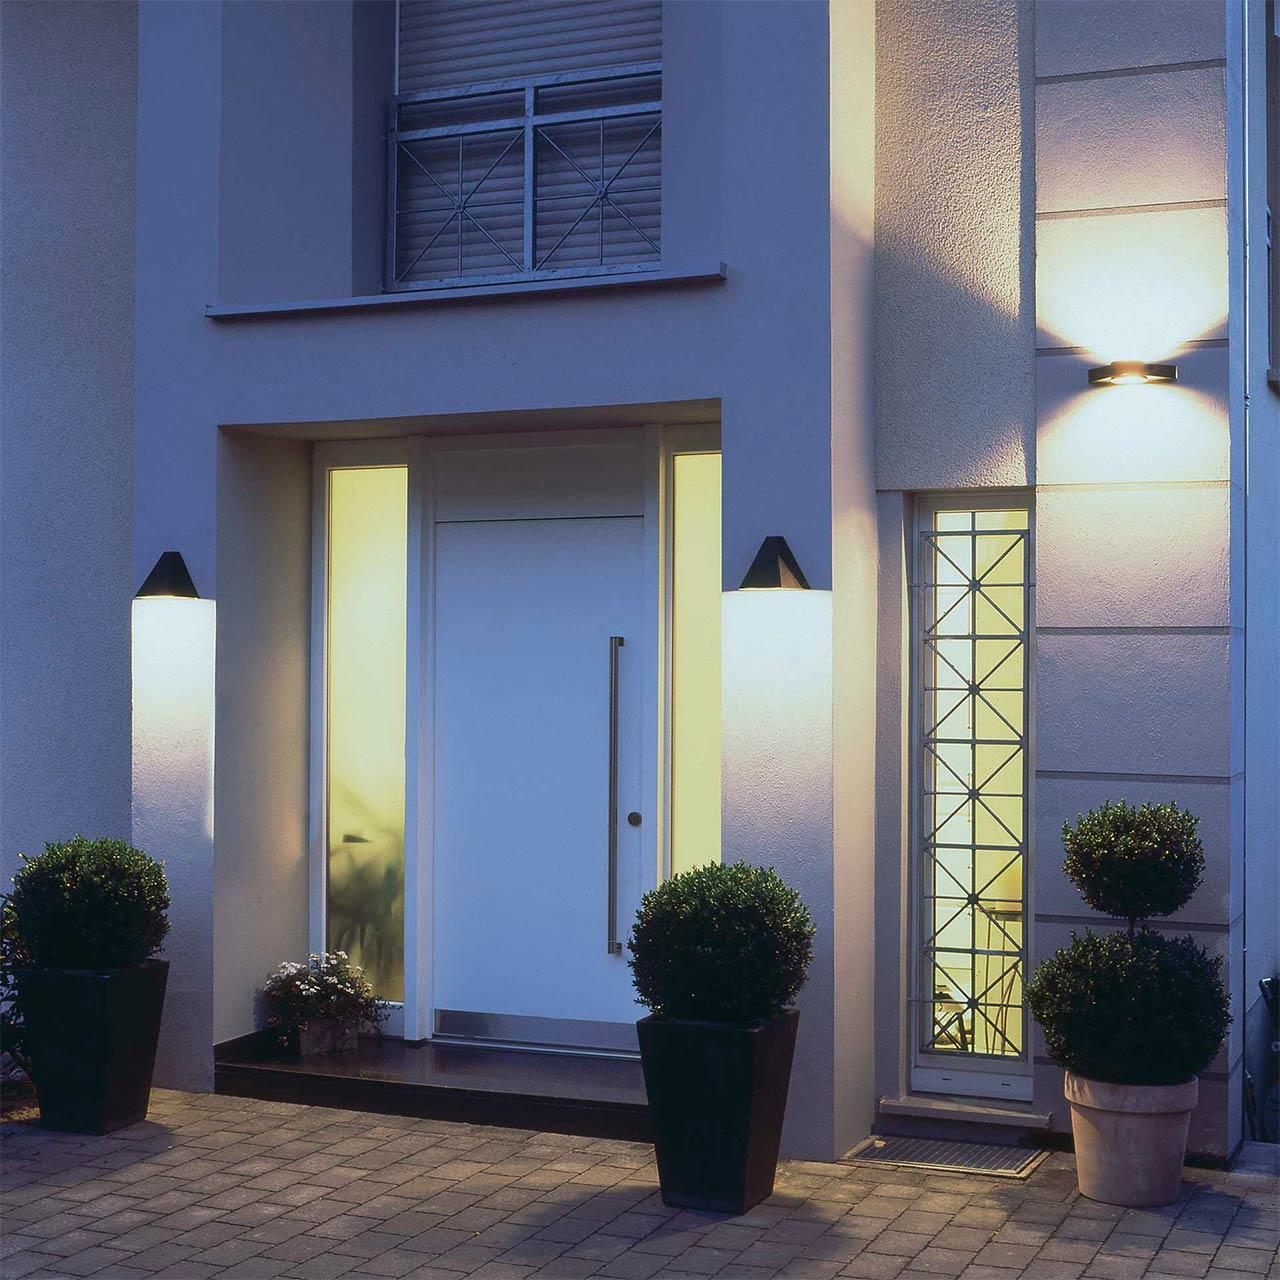 Mehrere Wandleuchten sorgen für Lichtstimmung an einem Hauseingang